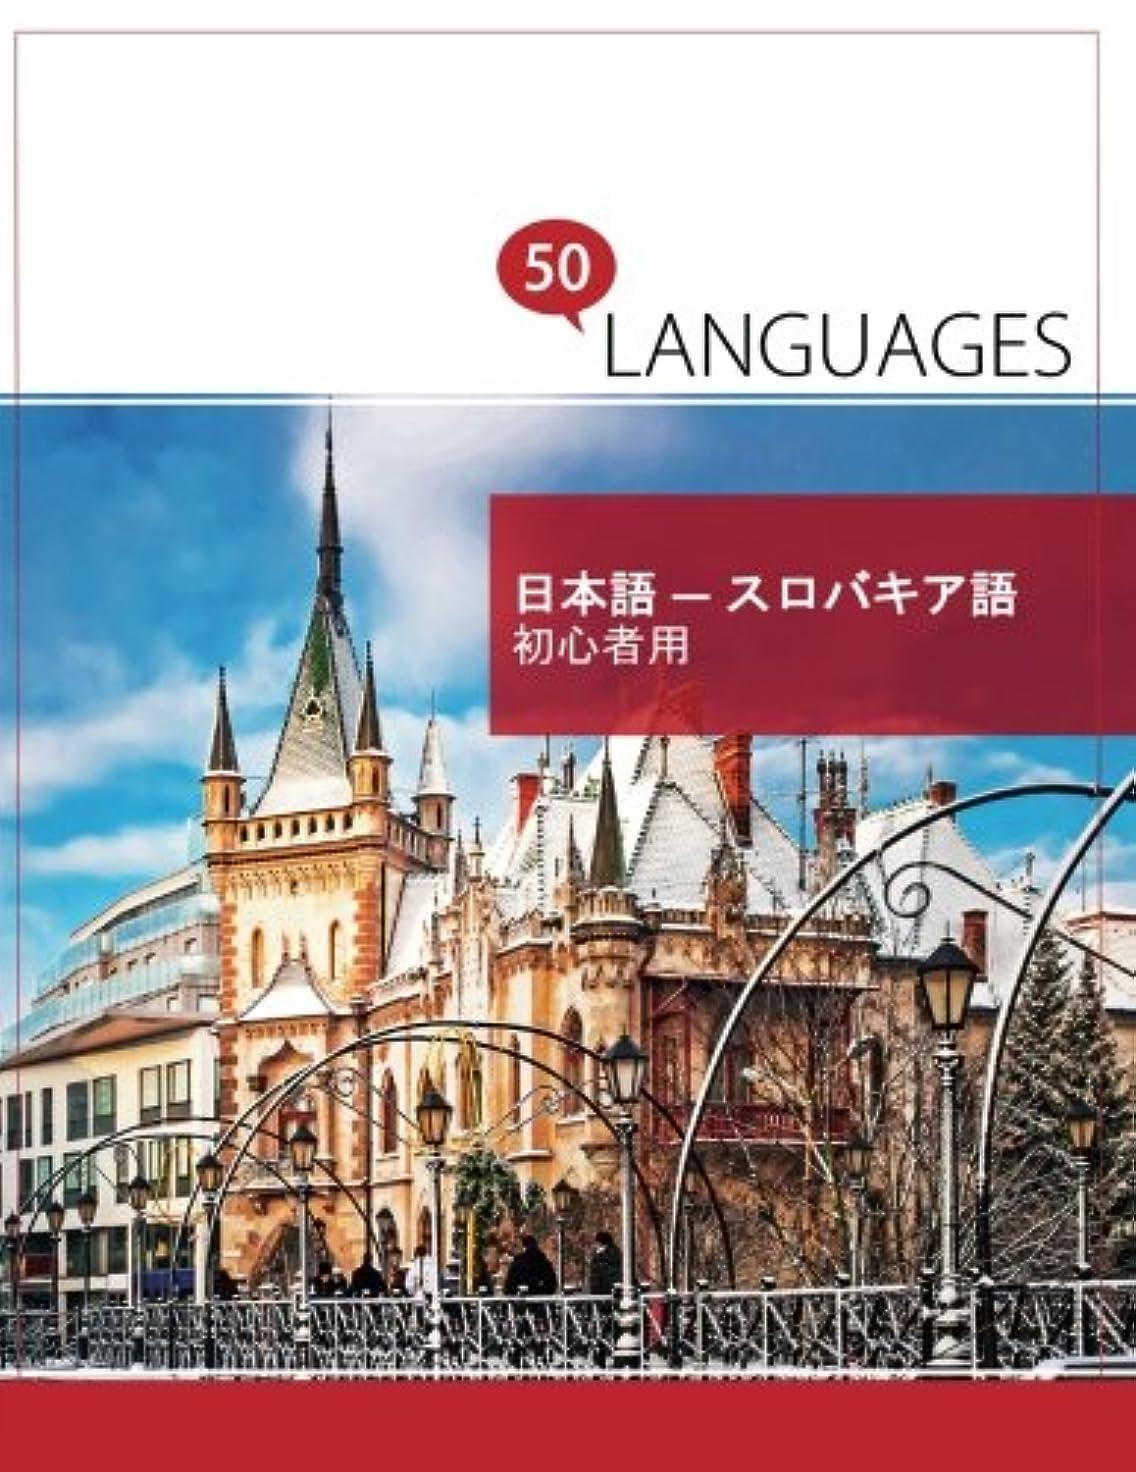 世界の窓フィラデルフィア降伏日本語 - スロバキア語 初心者用: 2ヶ国語対応